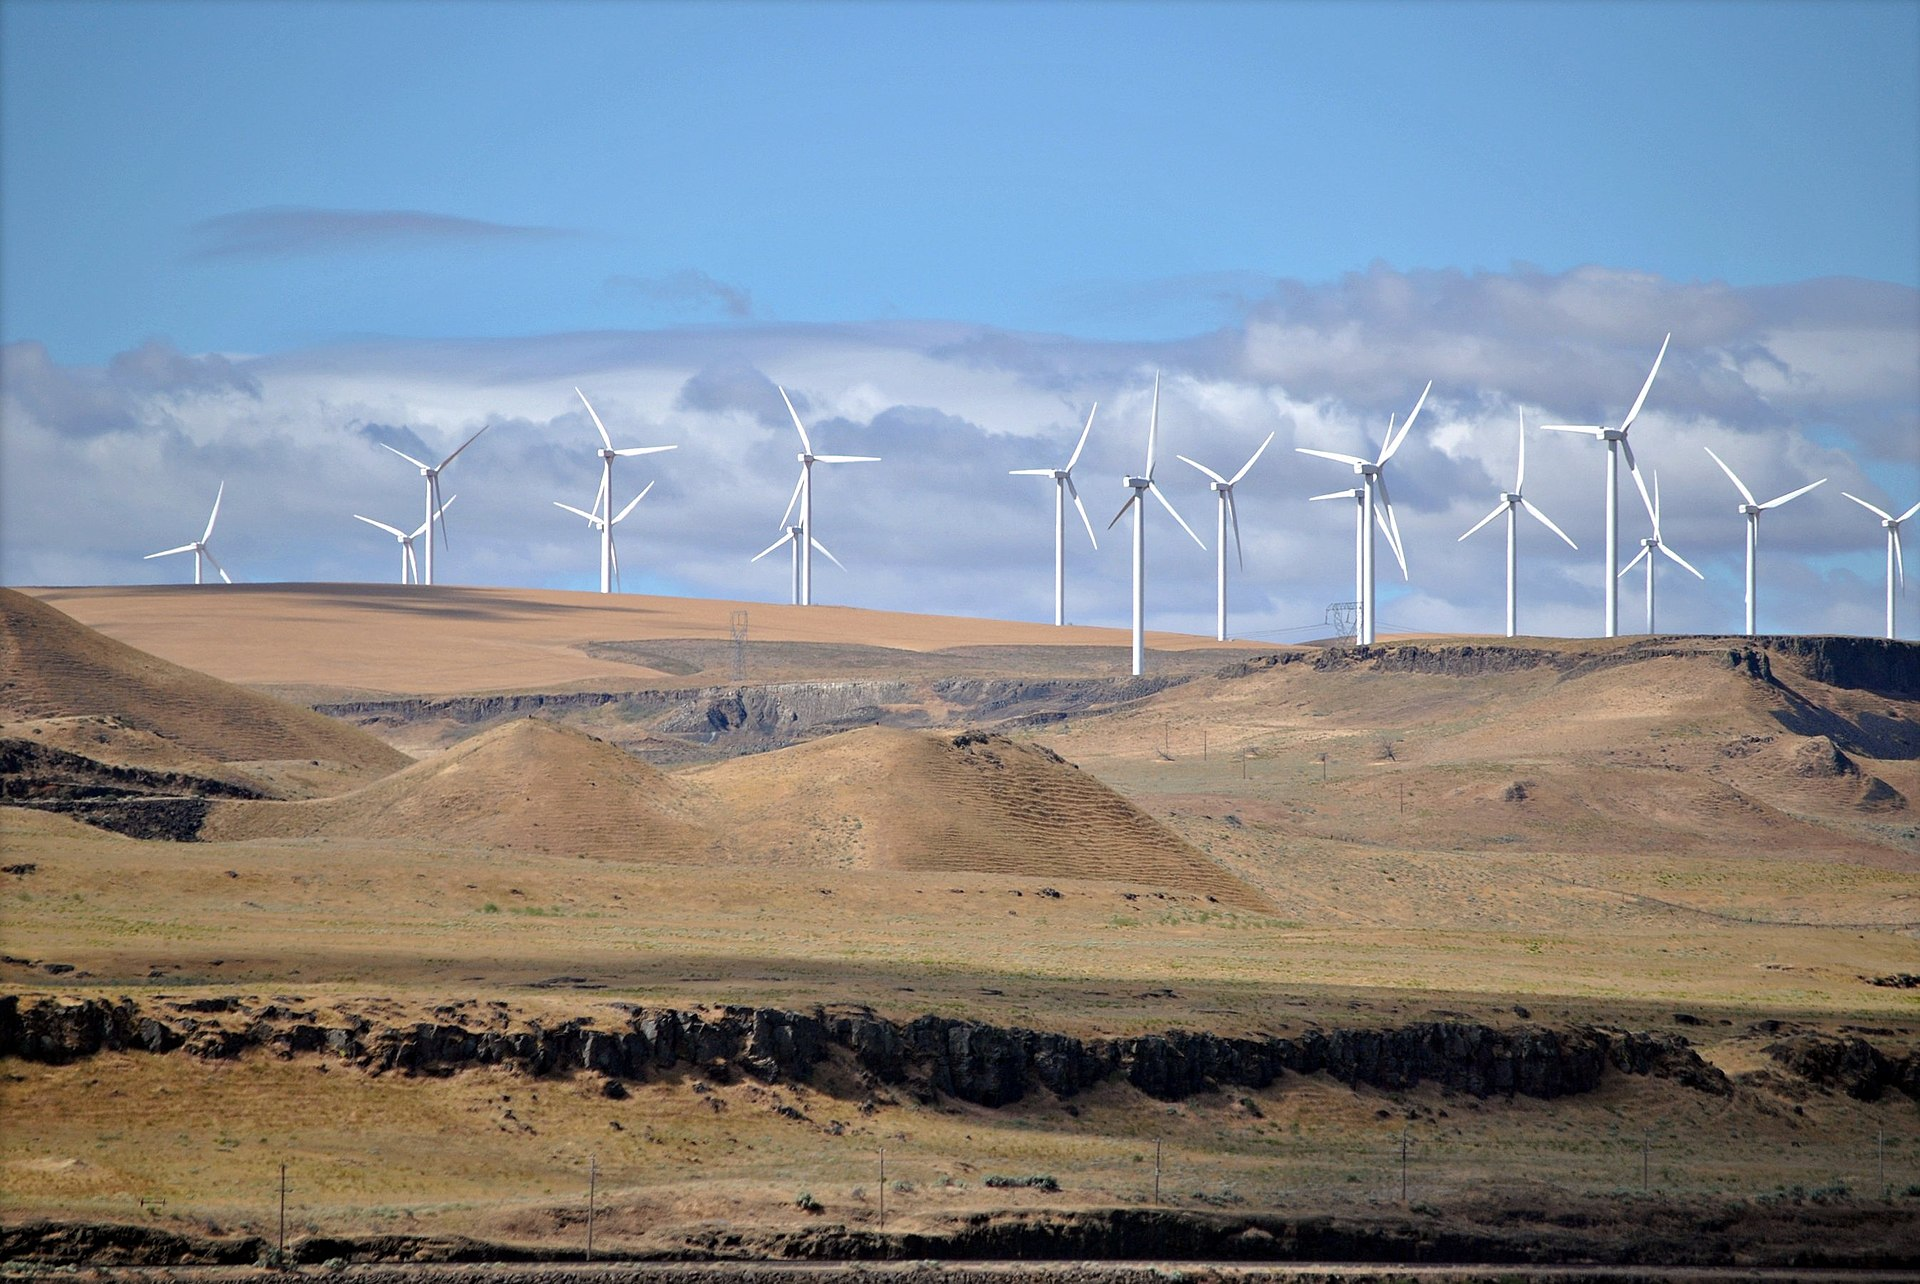 Wind farm - Wikipedia